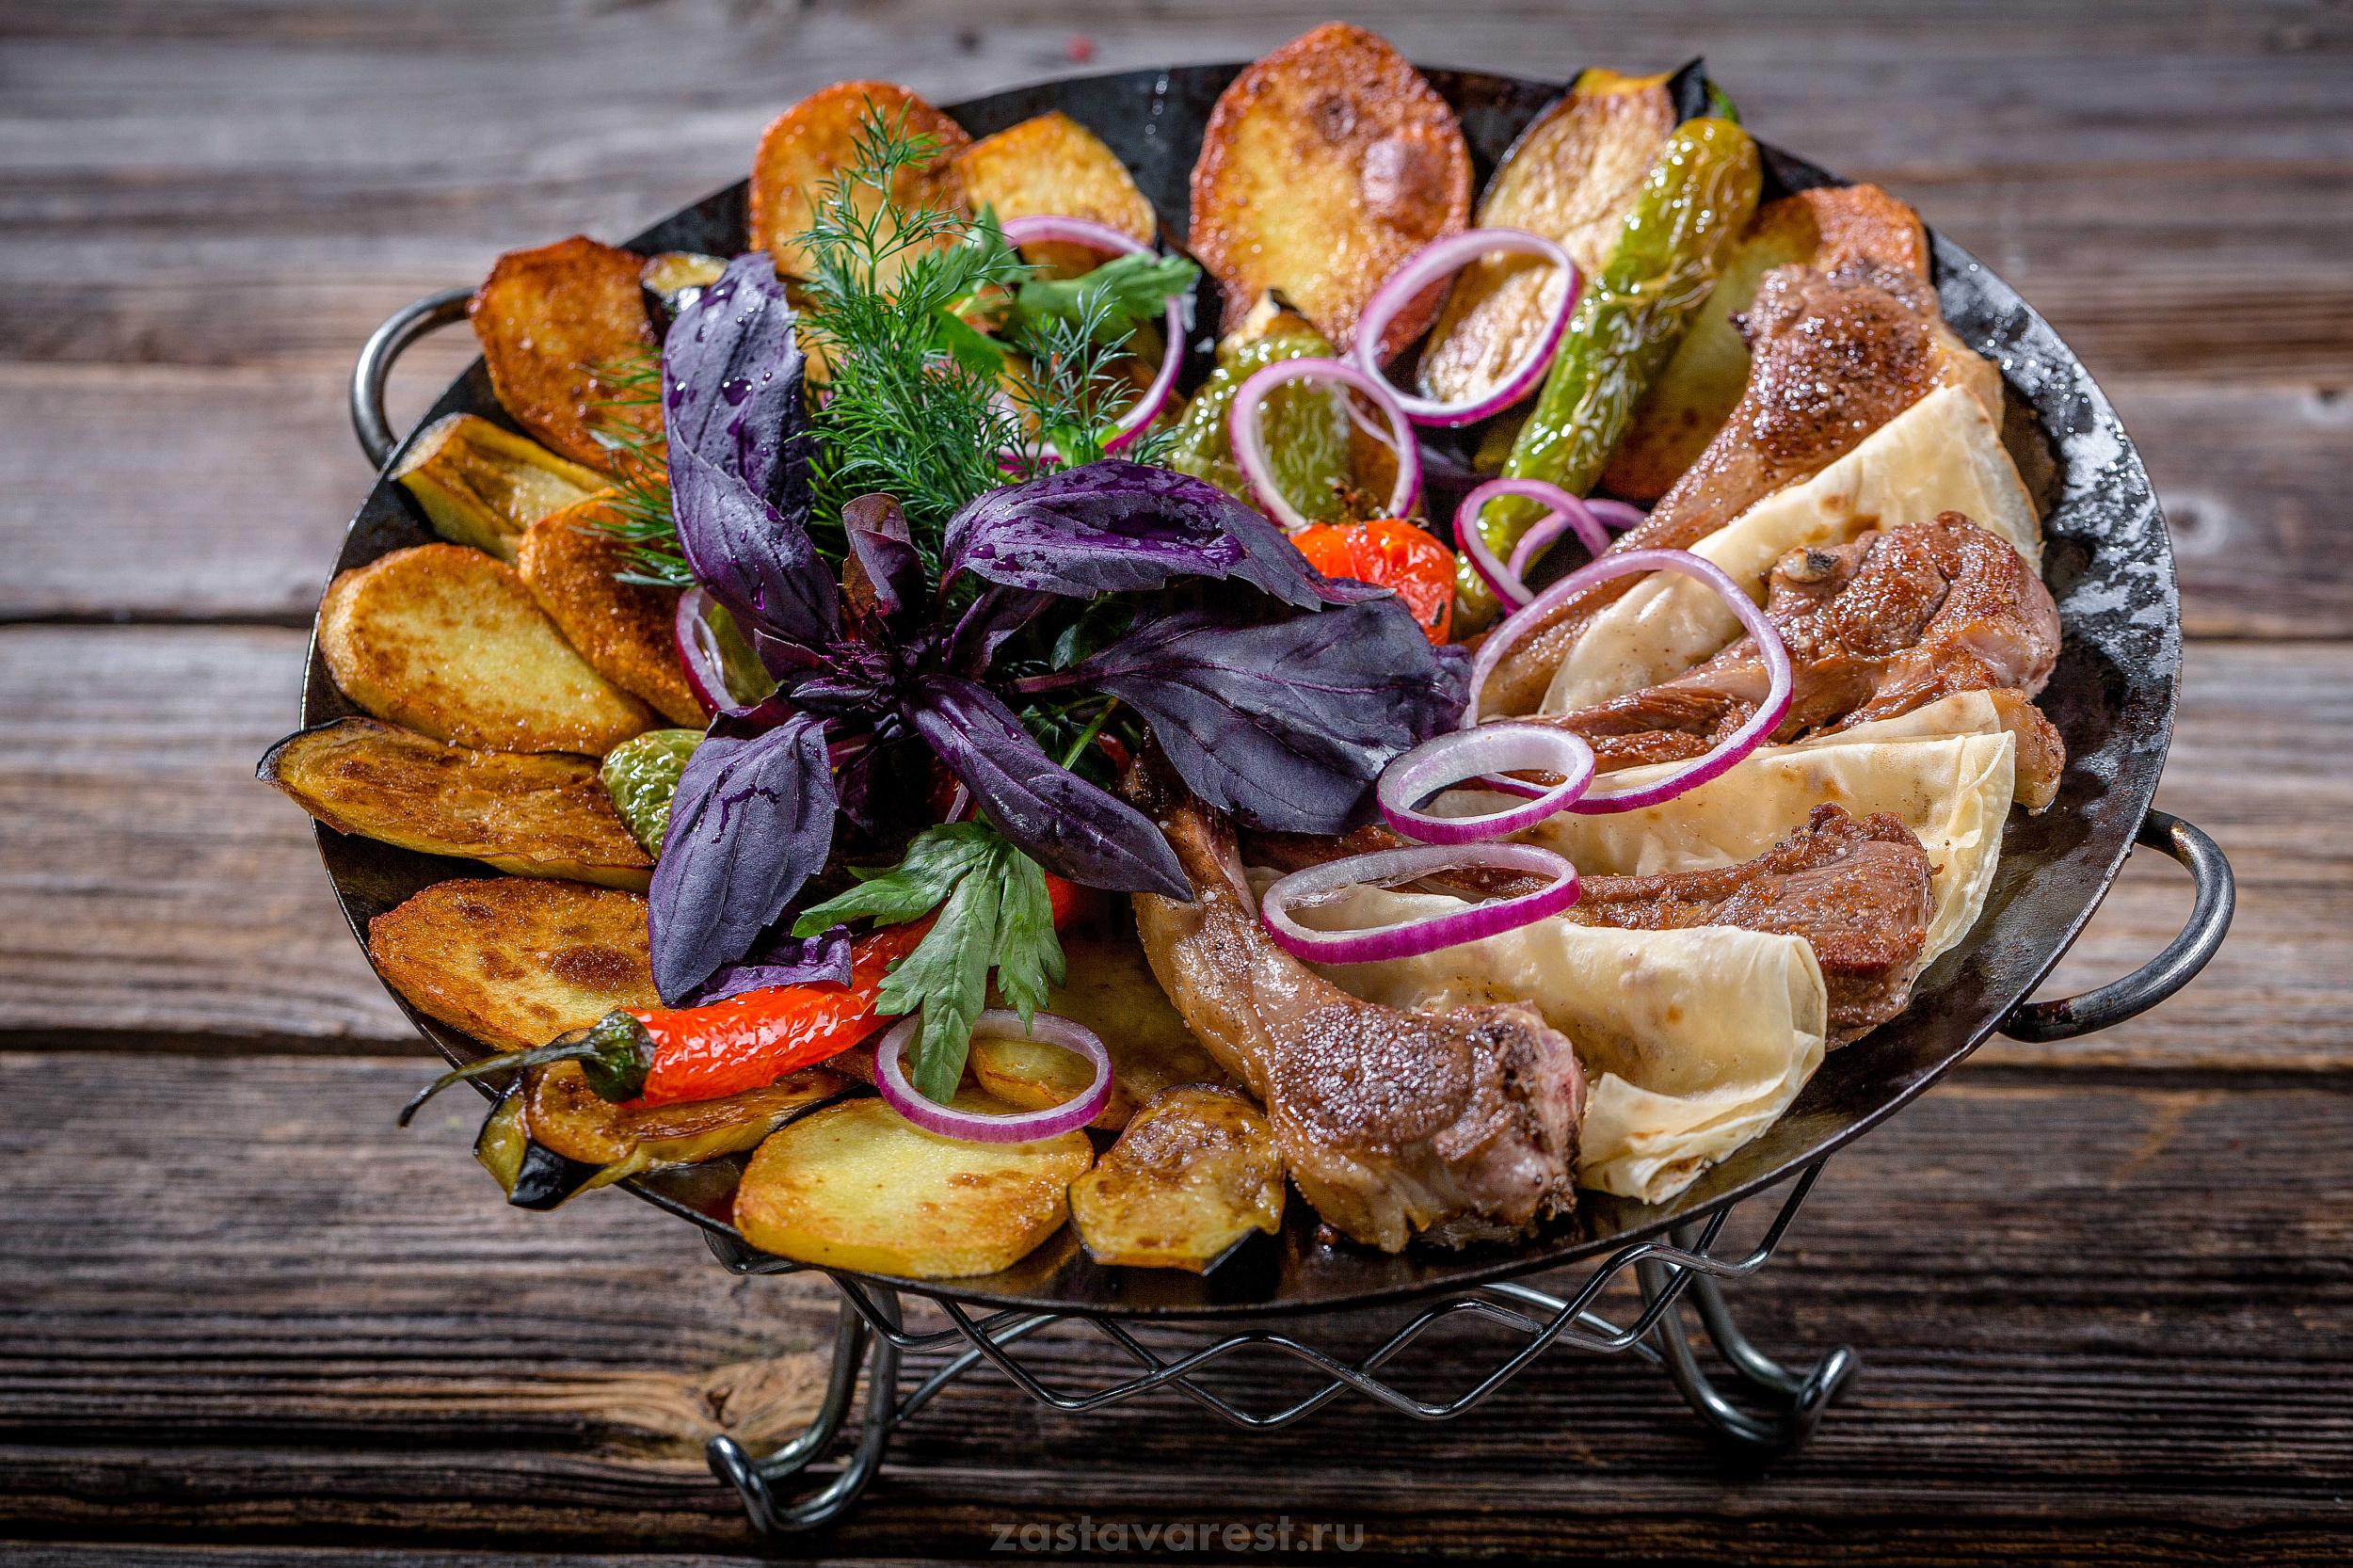 Виды азербайджанских сковород садж и рекомендации по выбору